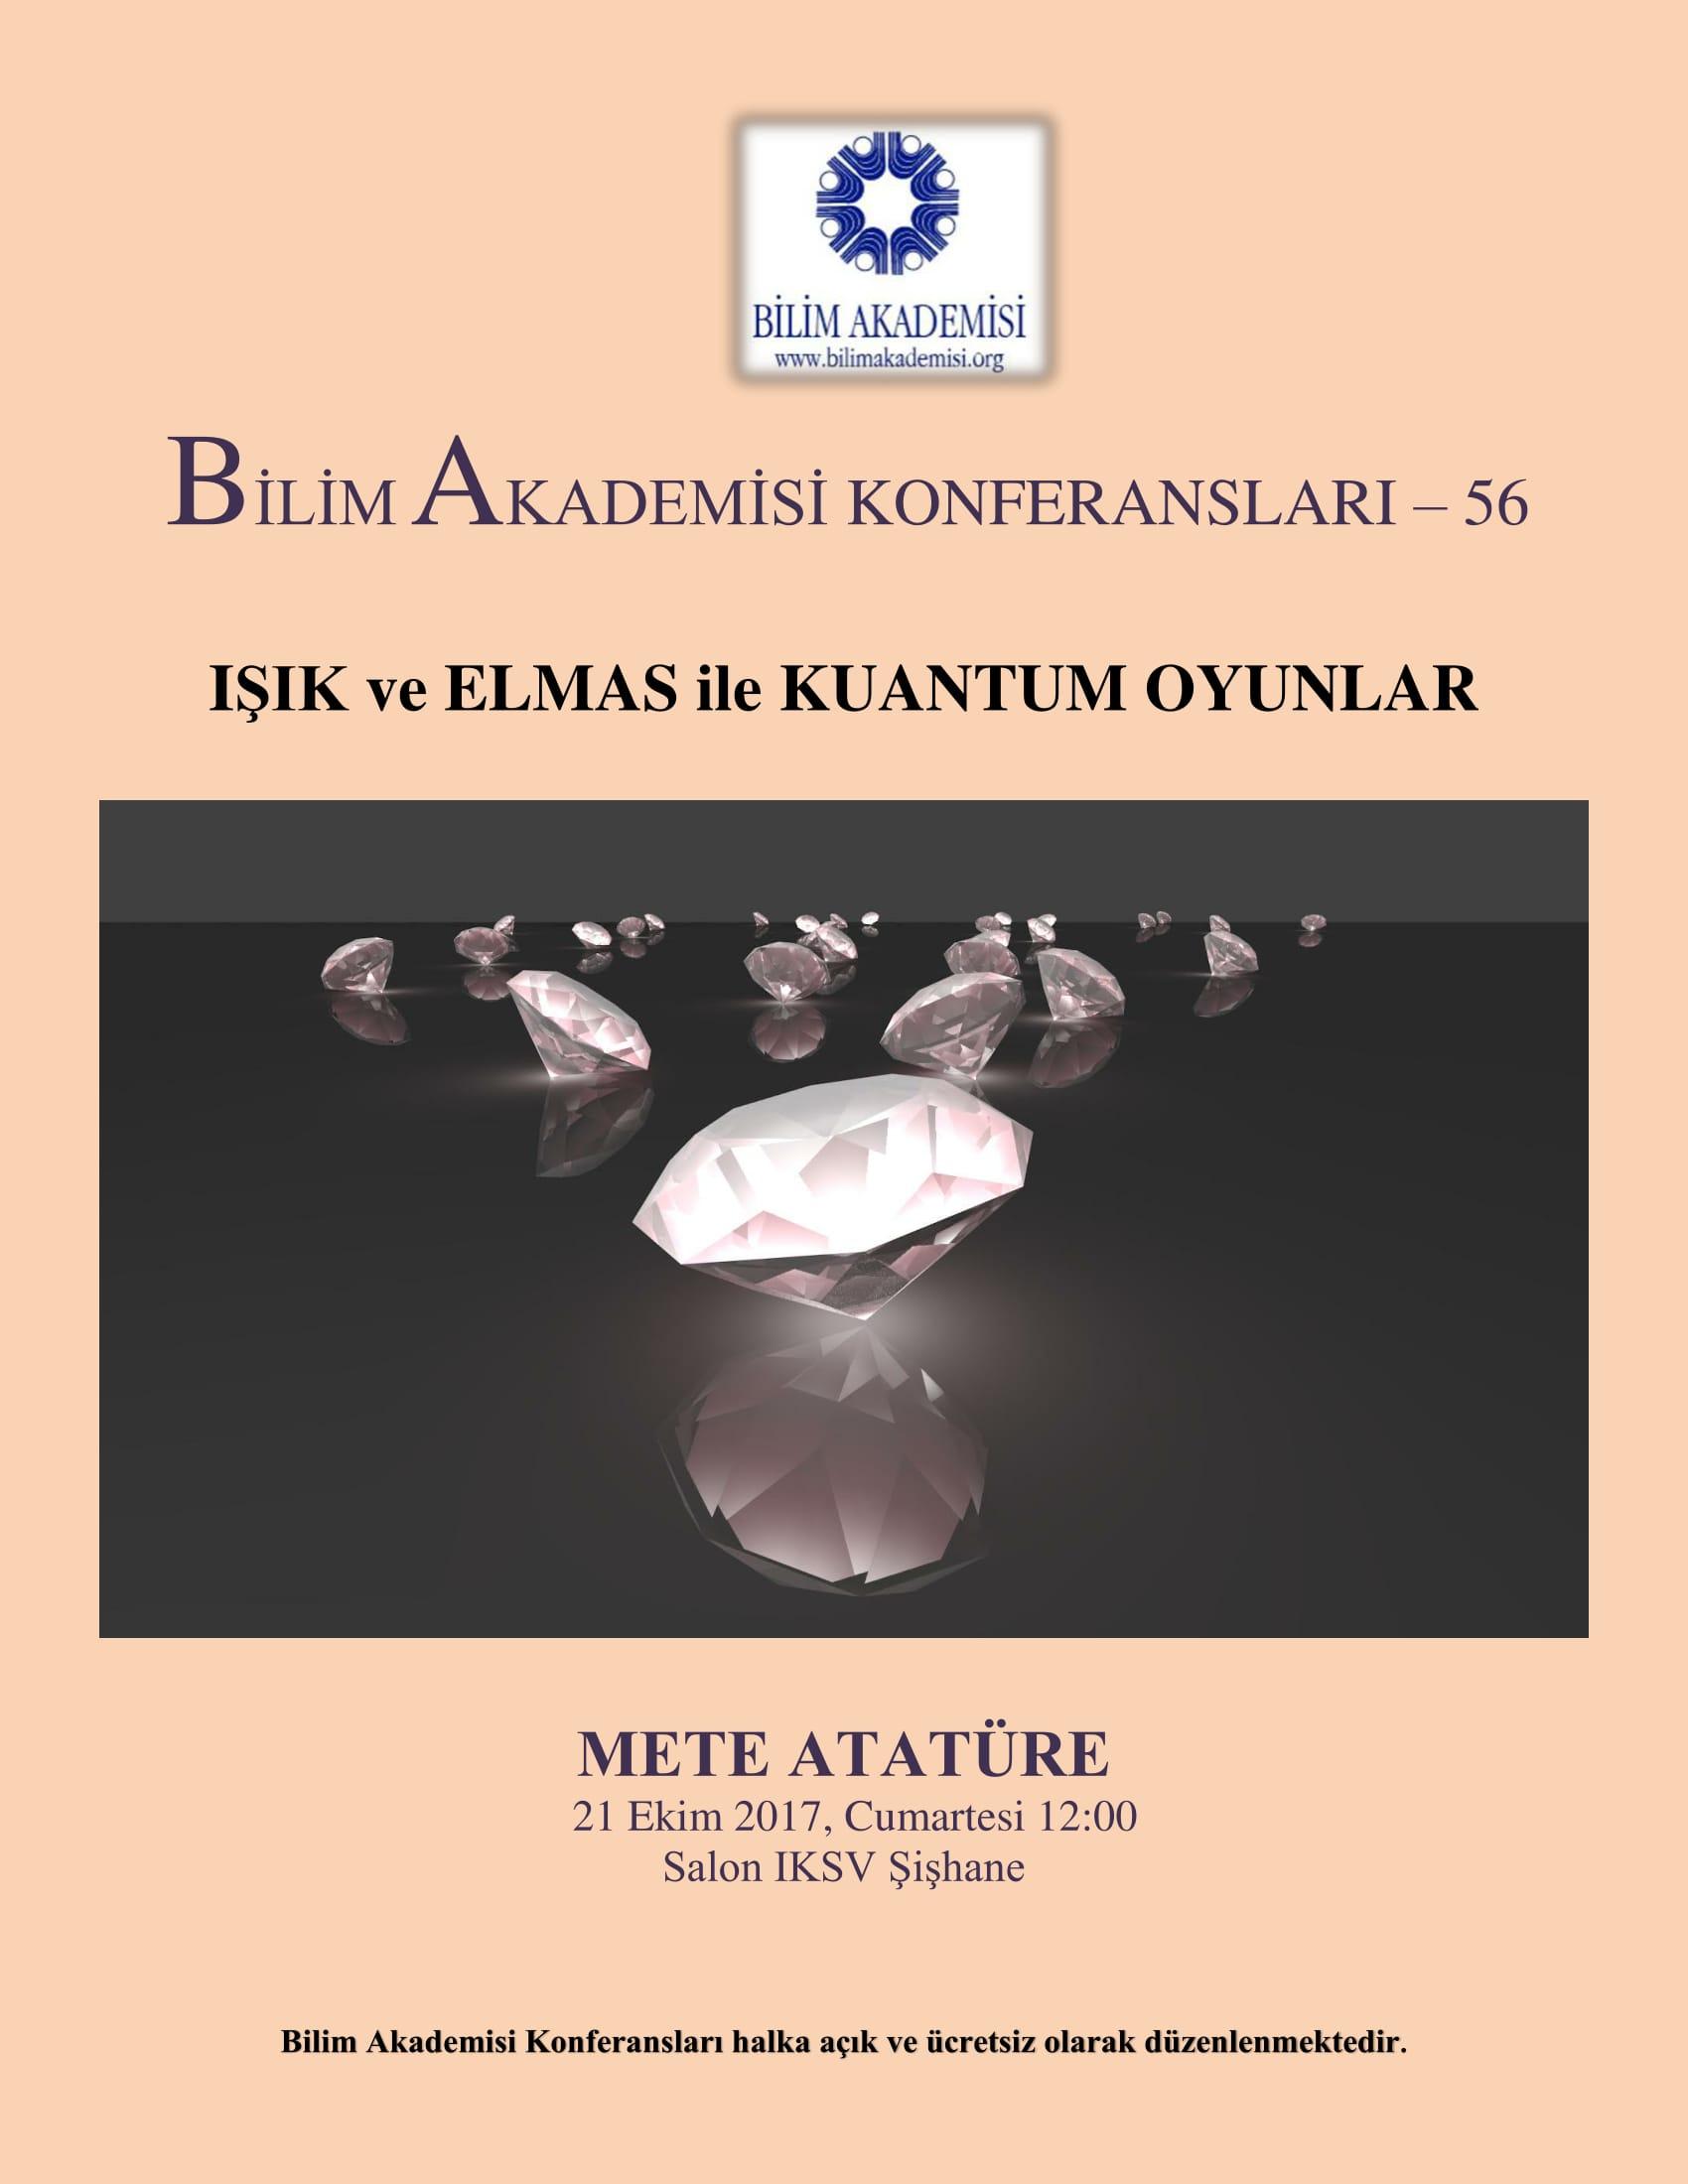 Işık ve Elmas ile Kuantum Oyunlar - Konuşmacı: Mete Atatüre